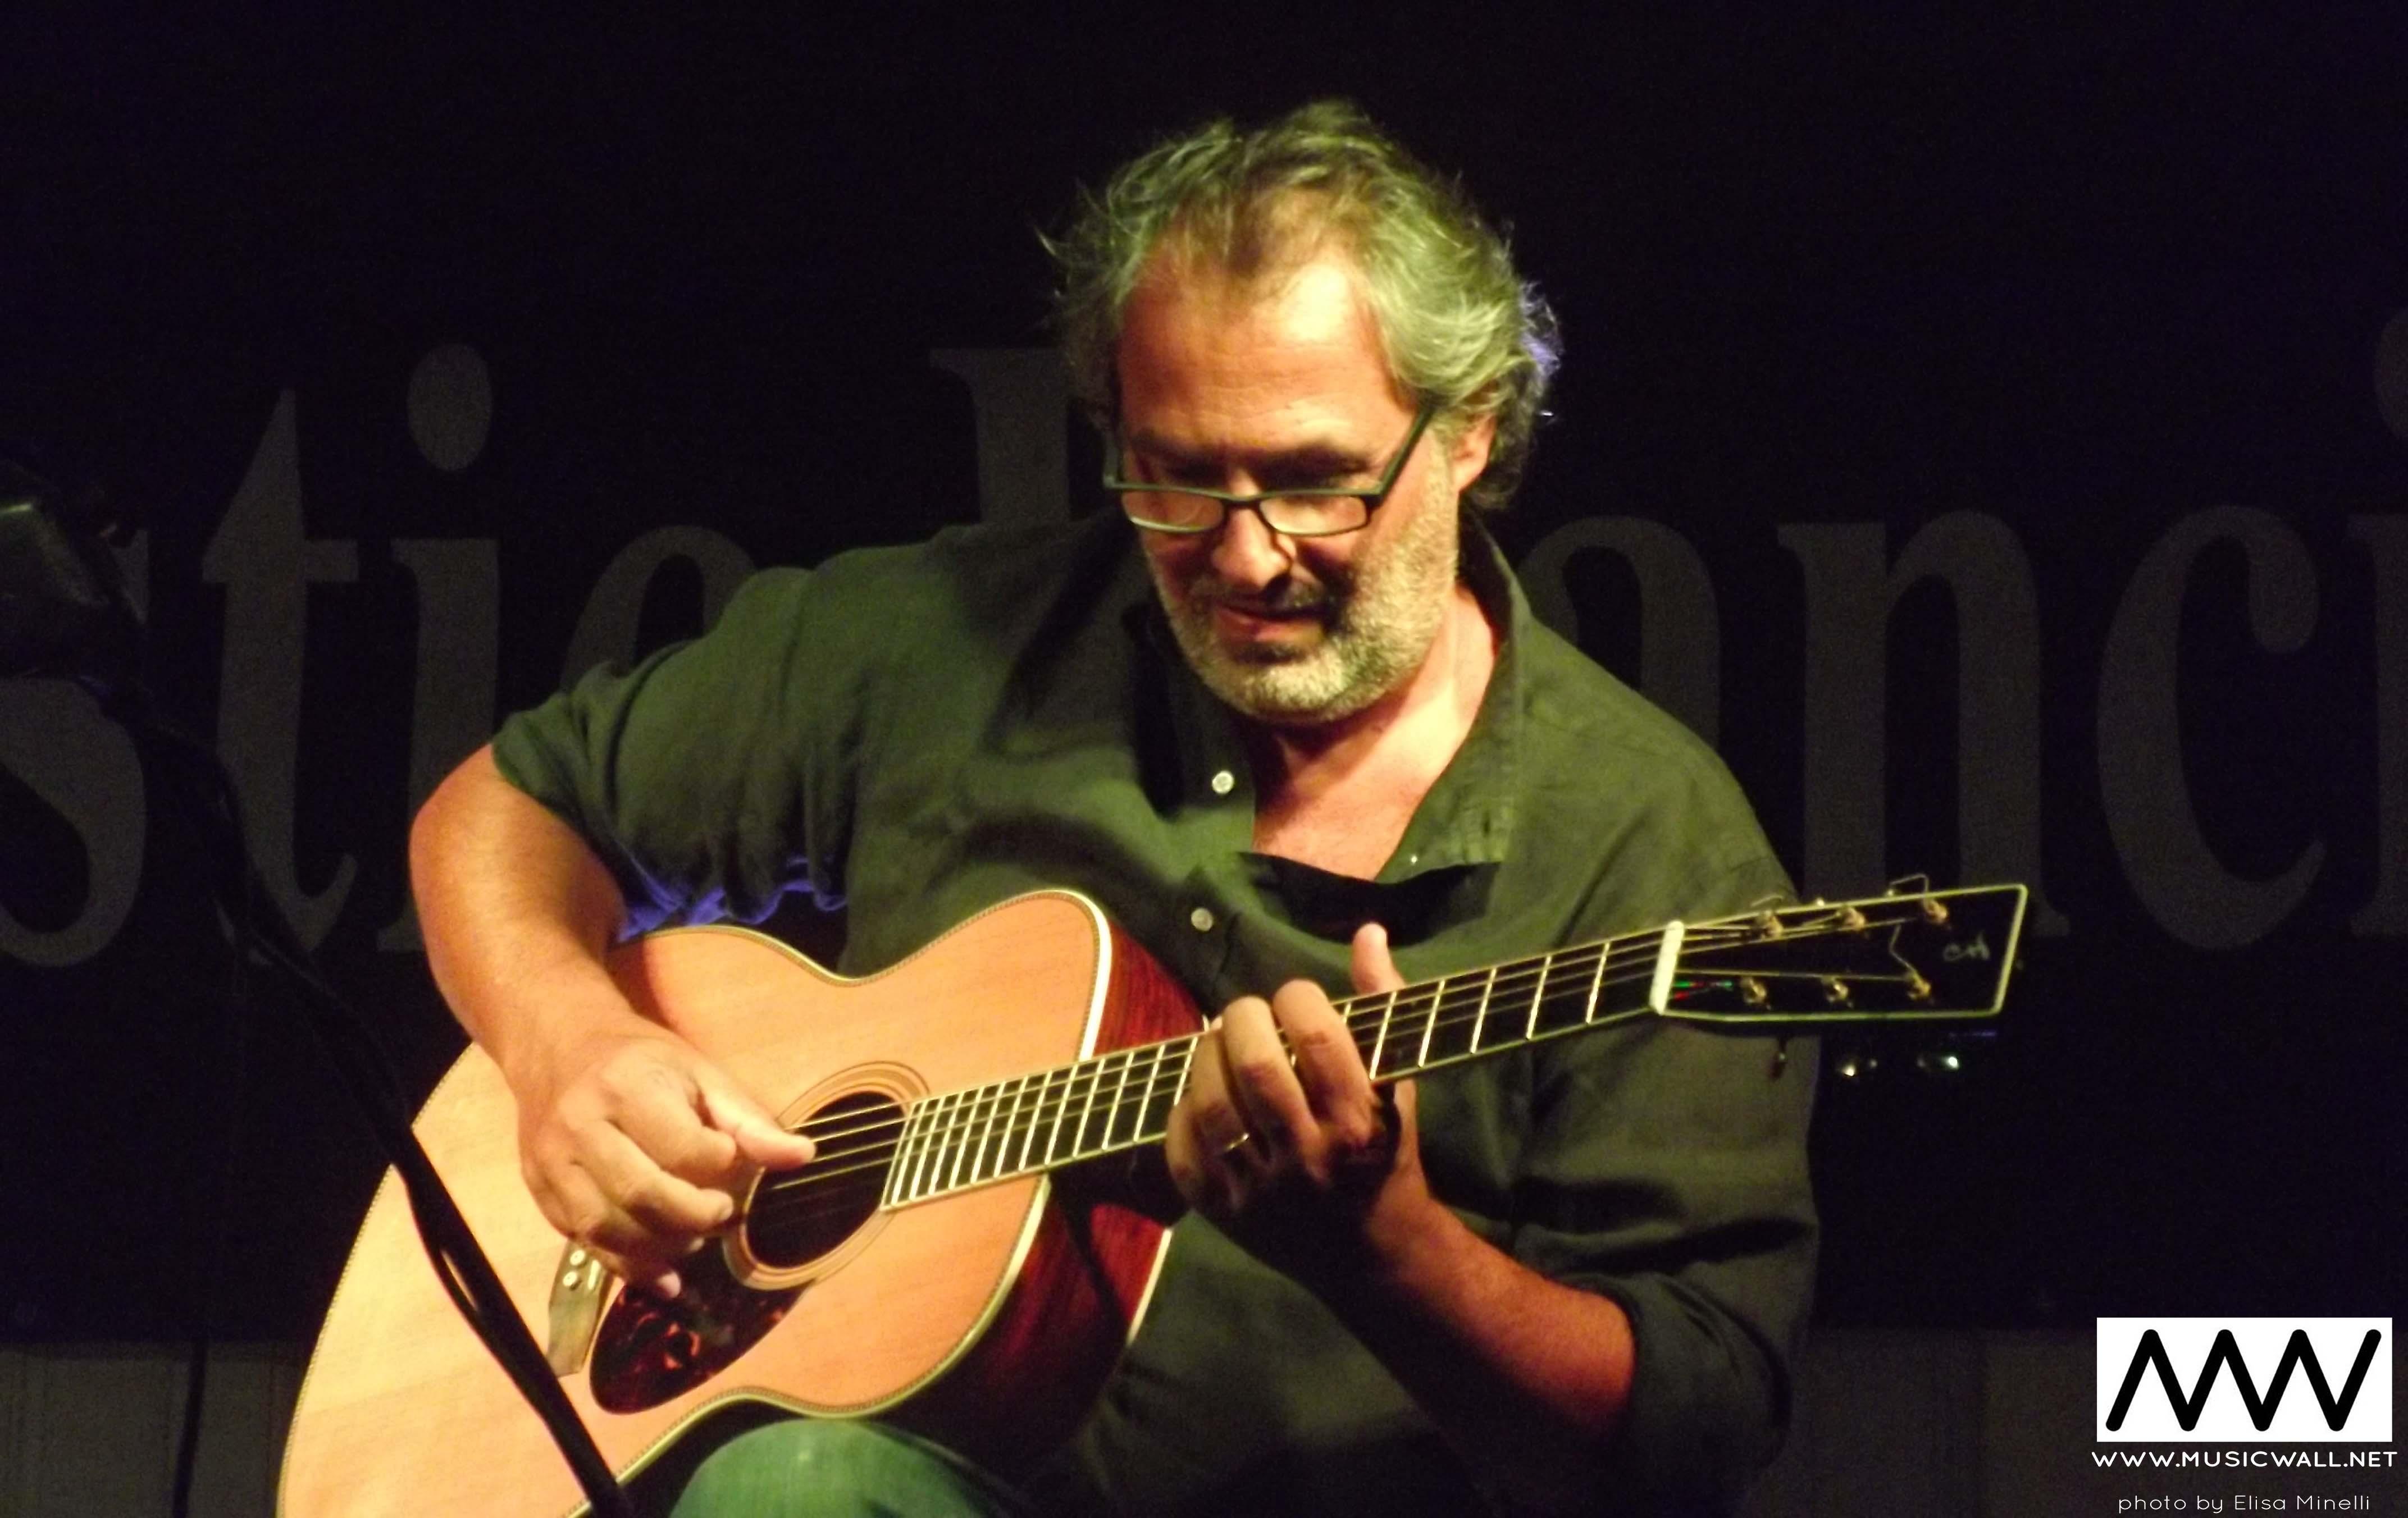 Music Wall.net -Giorgio Cordini Reno Brandoni 3.JPG